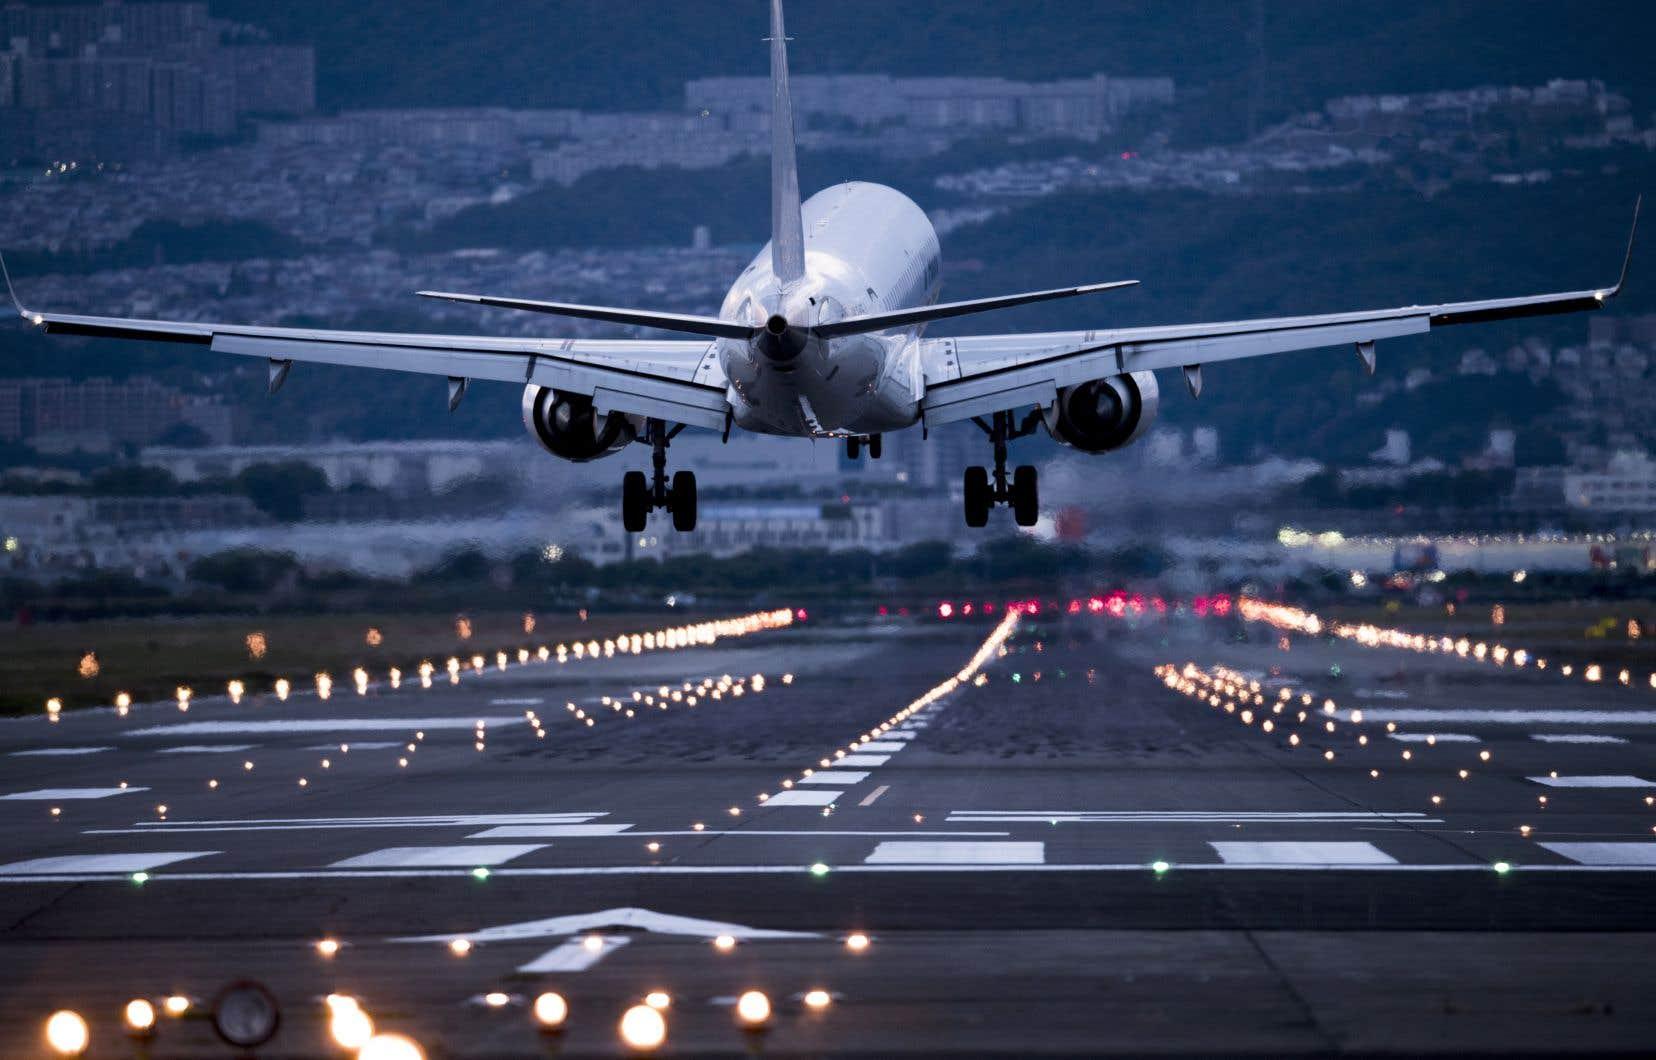 Selon M. Barsalou-Duval, les courriels contredisent la version de M. Garneau sur les raisons pour lesquelles le gouvernement fédéral avait choisi de ne pas exiger aux compagnies aériennes de rembourser leurs clients, contrairement aux politiques mises en place aux États-Unis et dans l'Union européenne.